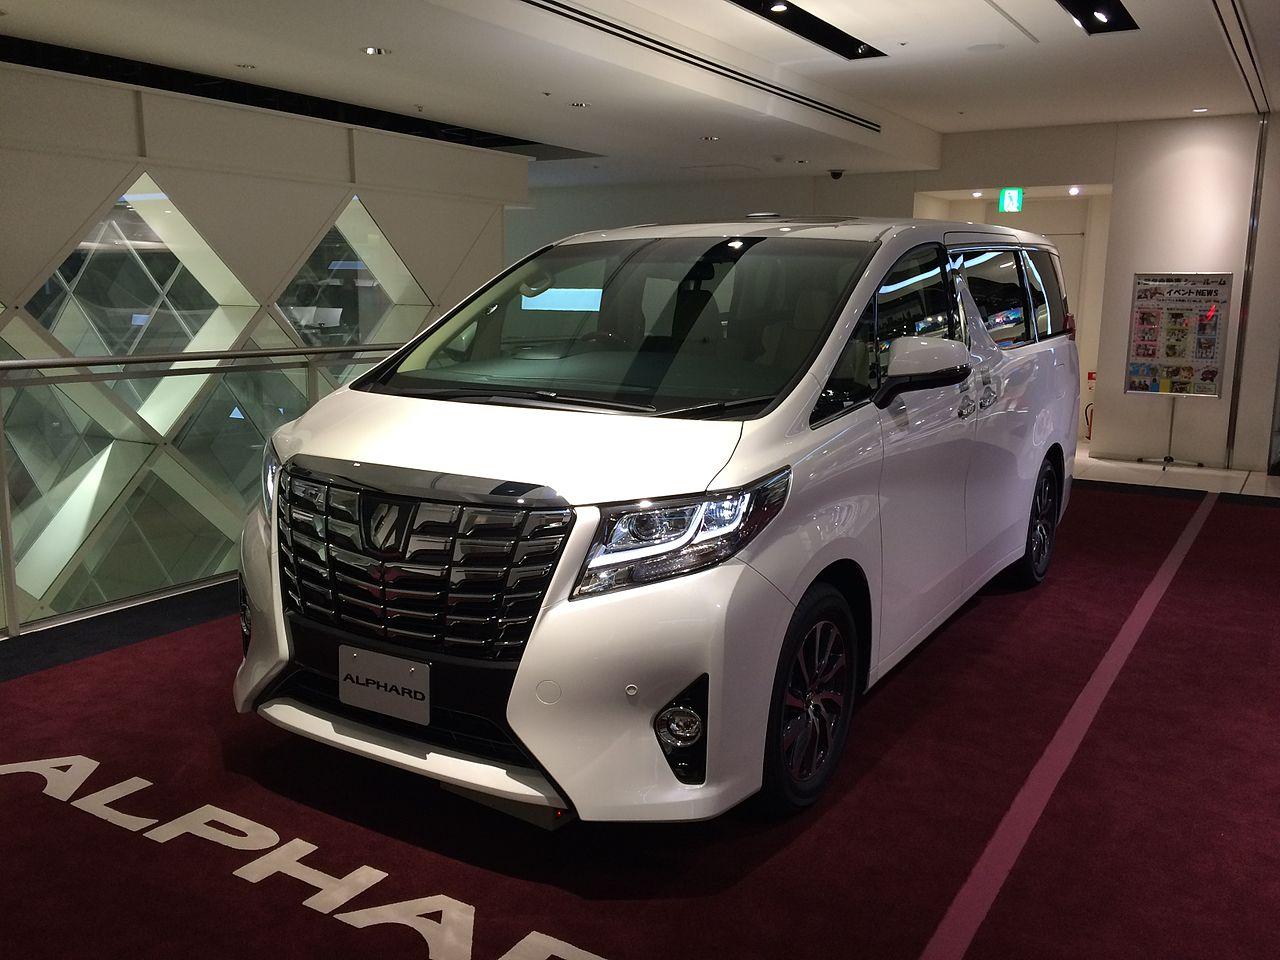 Kelebihan Toyota Alphard 2018 Perbandingan Harga